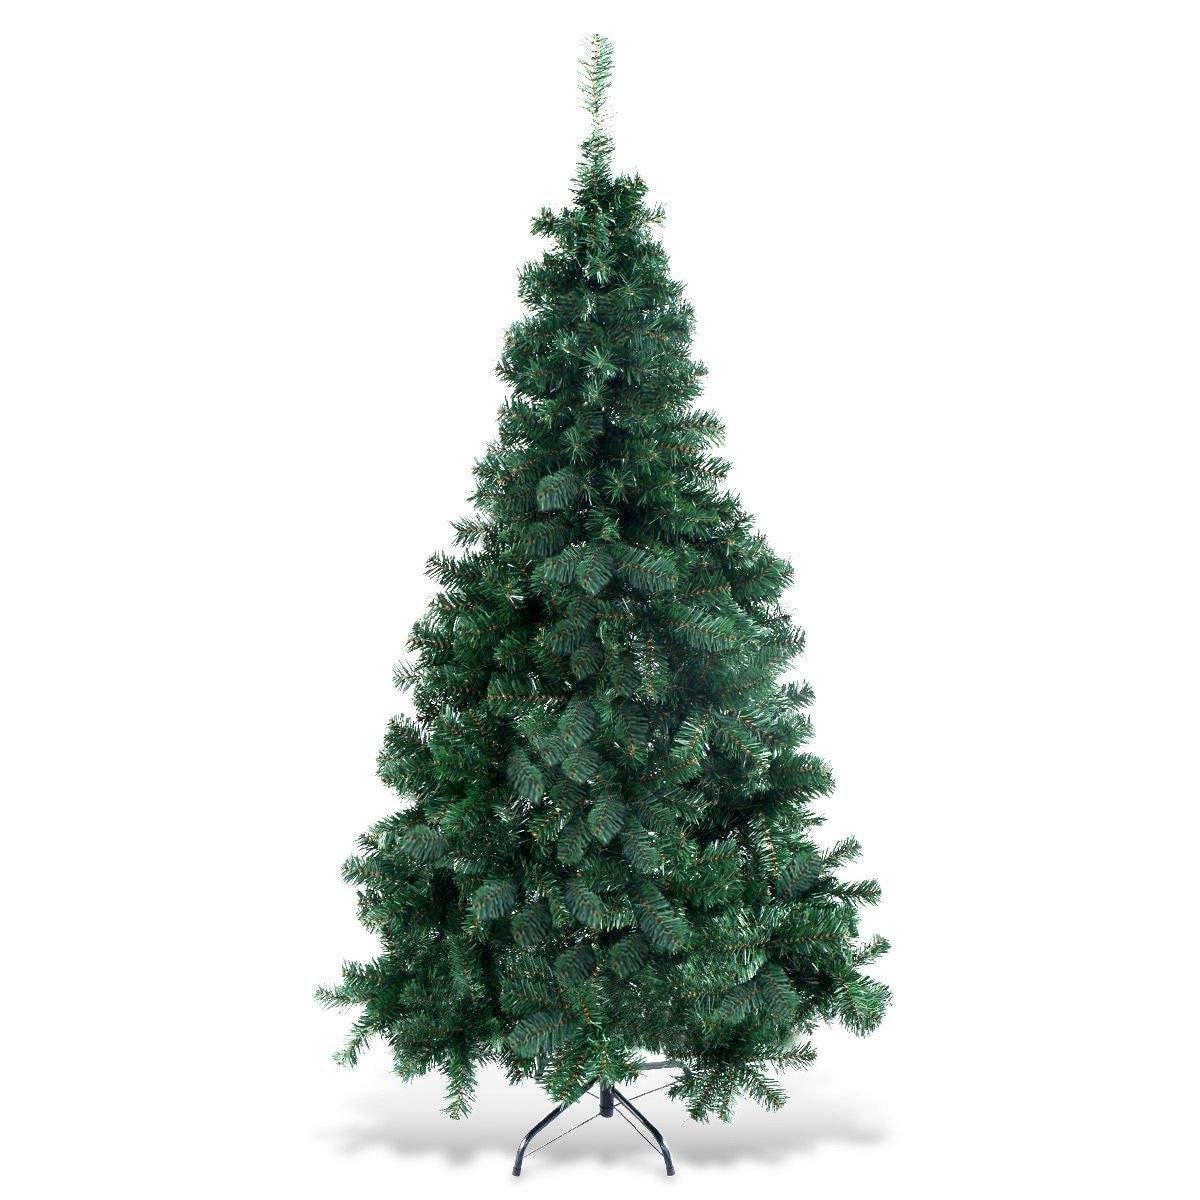 Cactus Christmas Tree.6 Artificial Cactus Christmas Tree W Led Lights And Ball